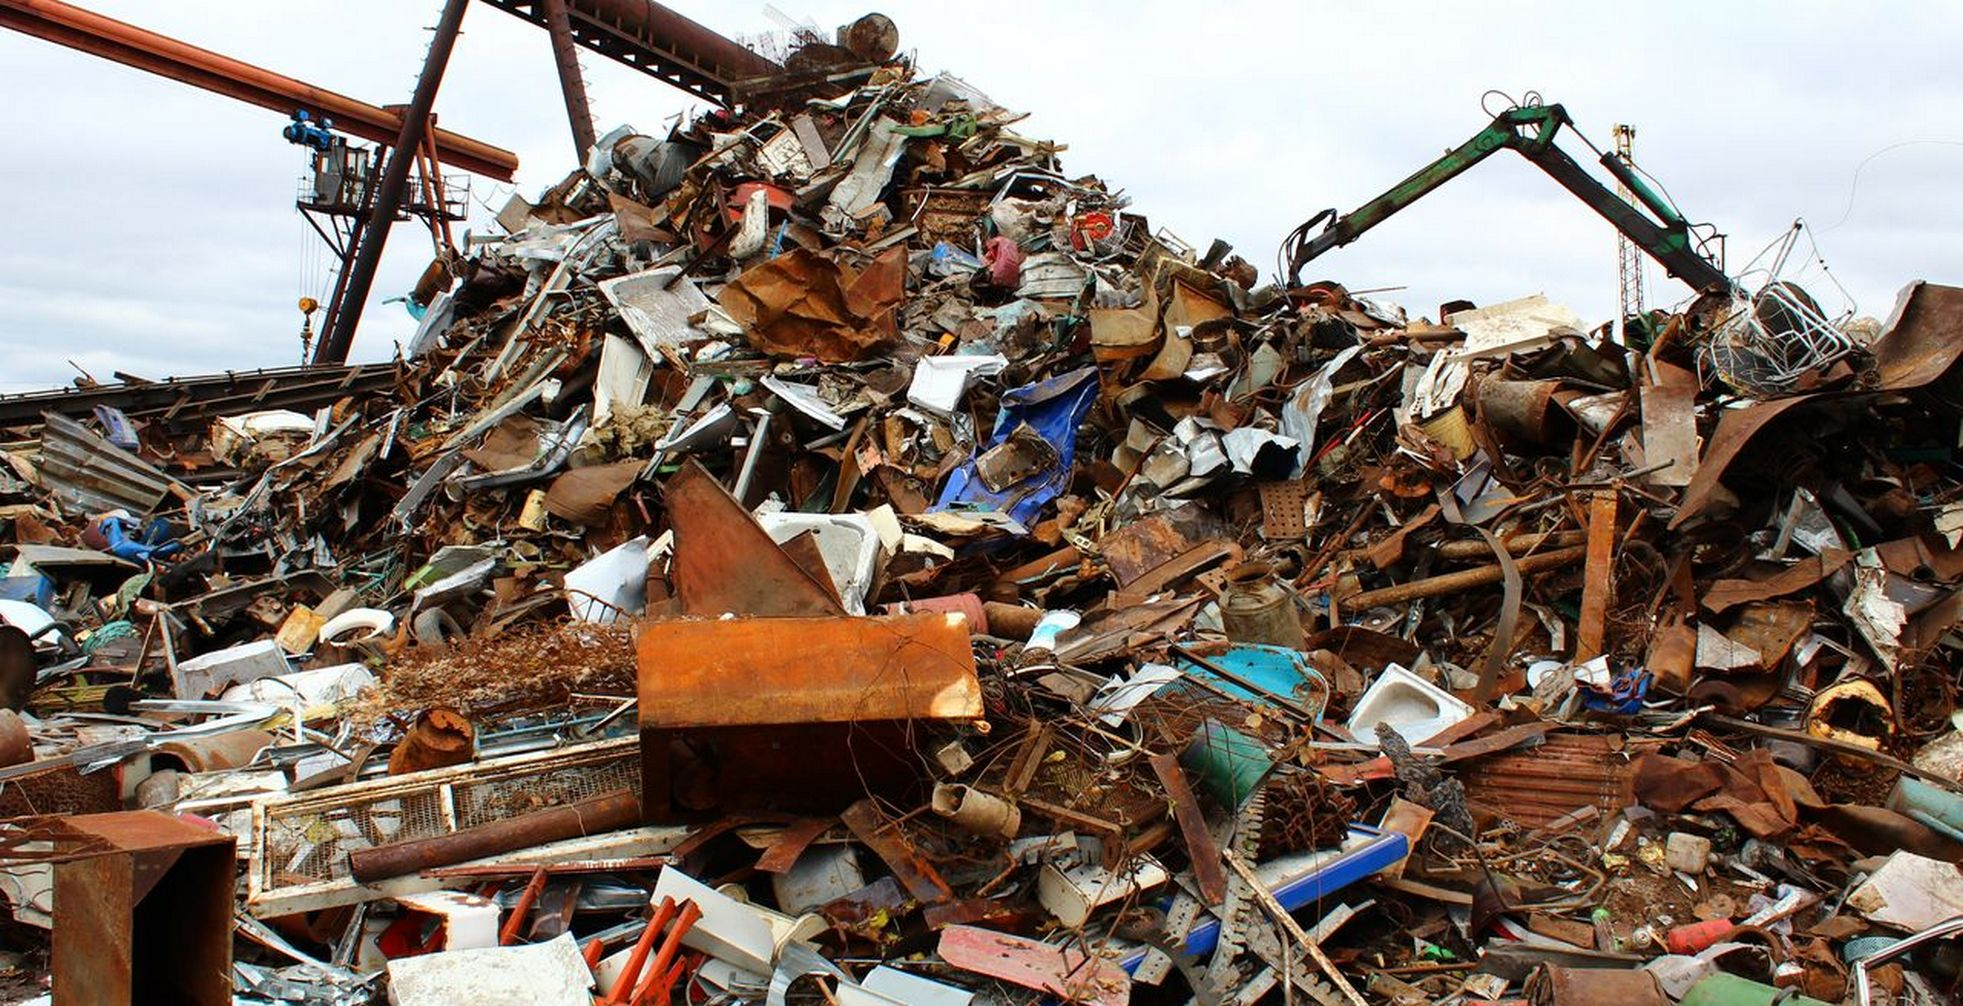 свалка промышленного мусора